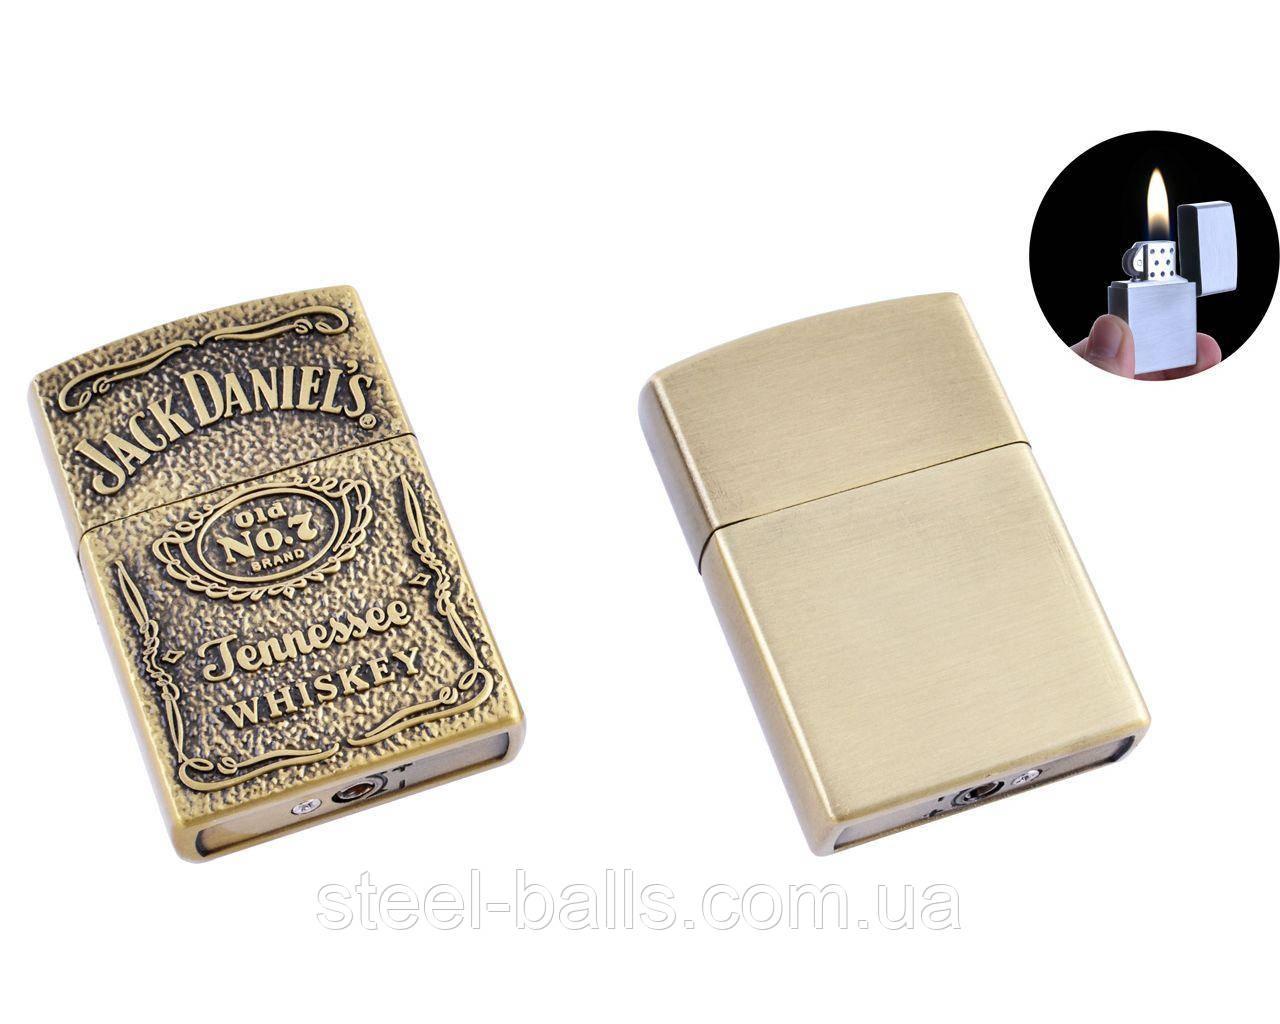 Зажигалка кремниевая Jack Daniels